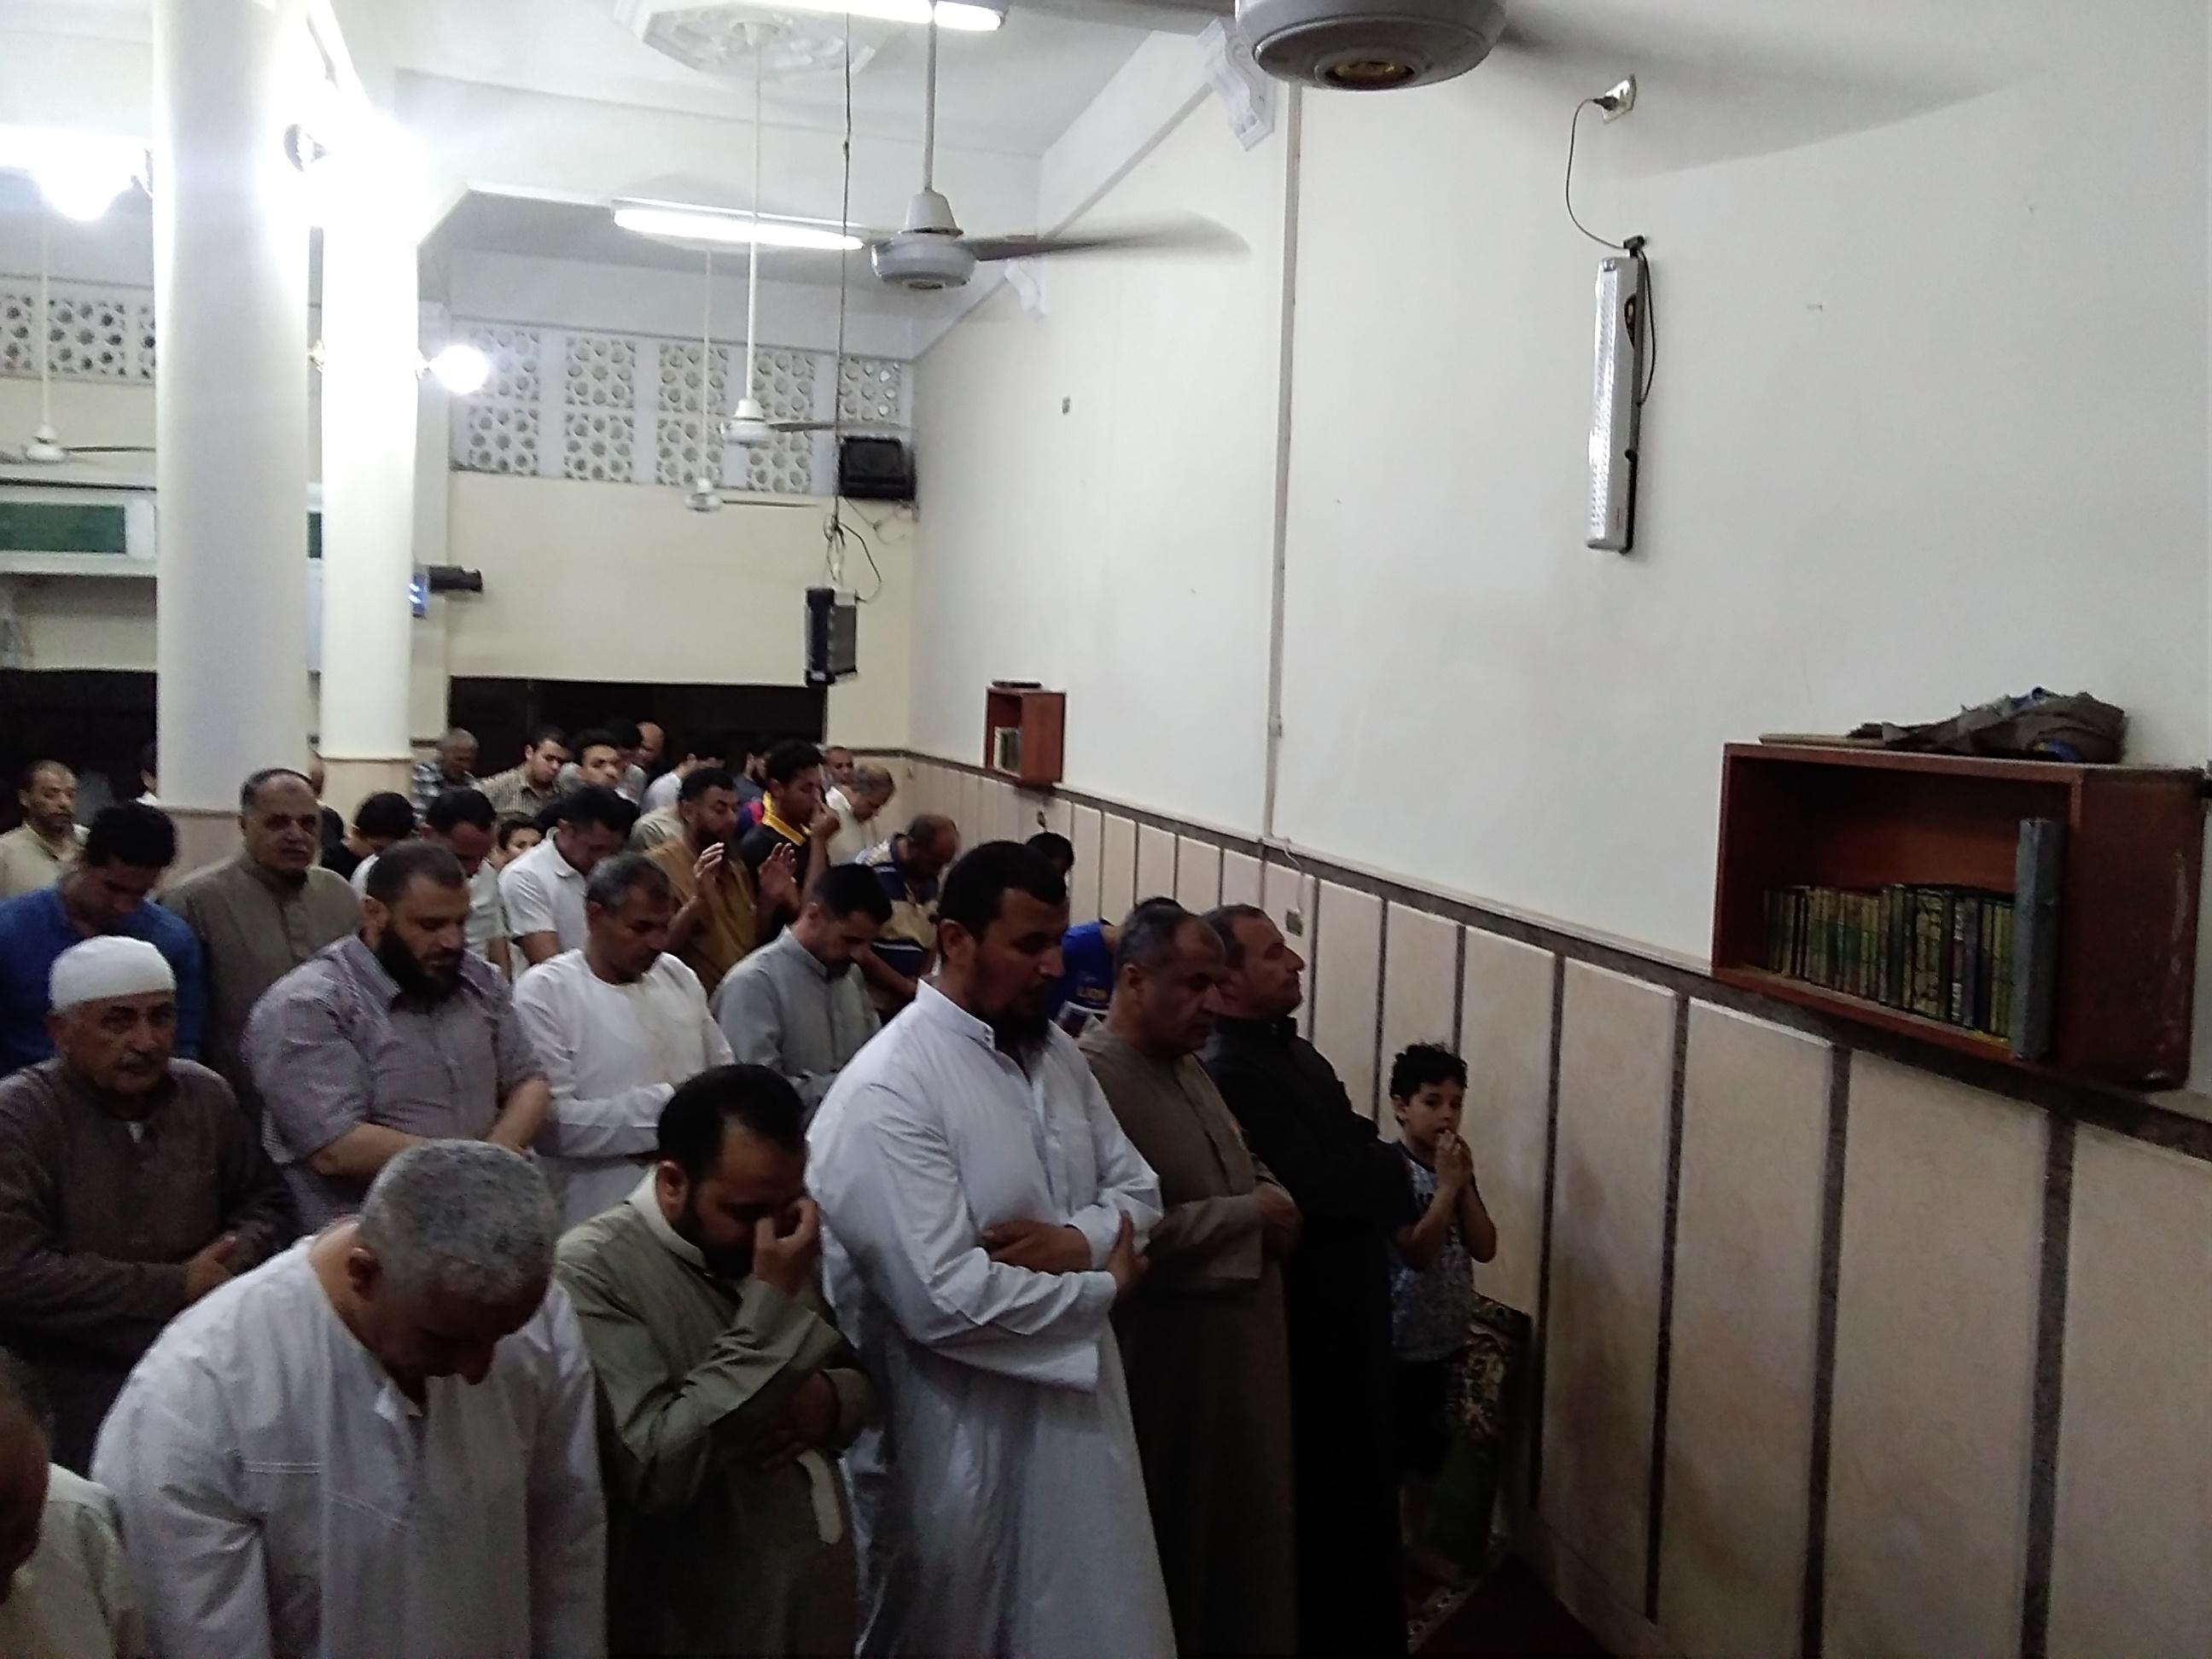 شاب يبهر المصلين بصوته أثناء أداء صلاة التراويح بكفر الشيخ  (2)